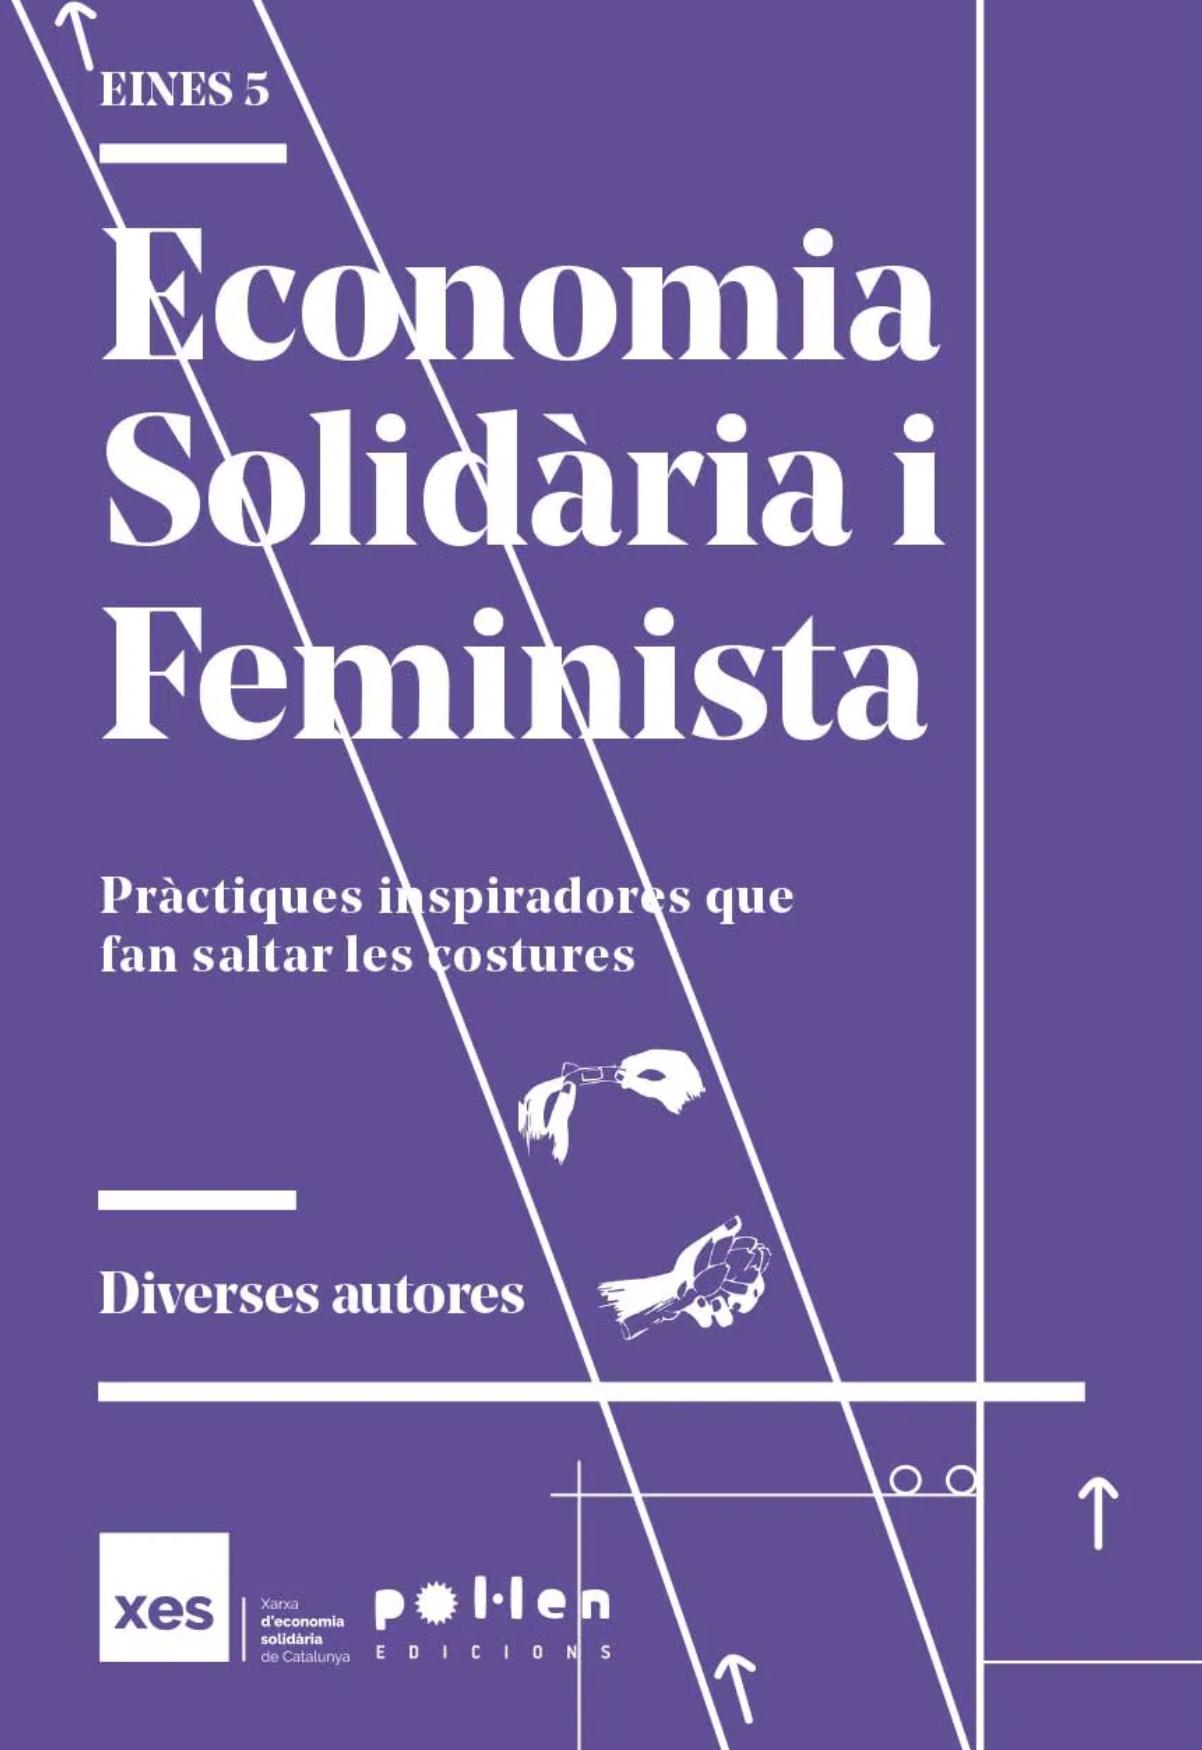 Economia-Solidaria-Feminista